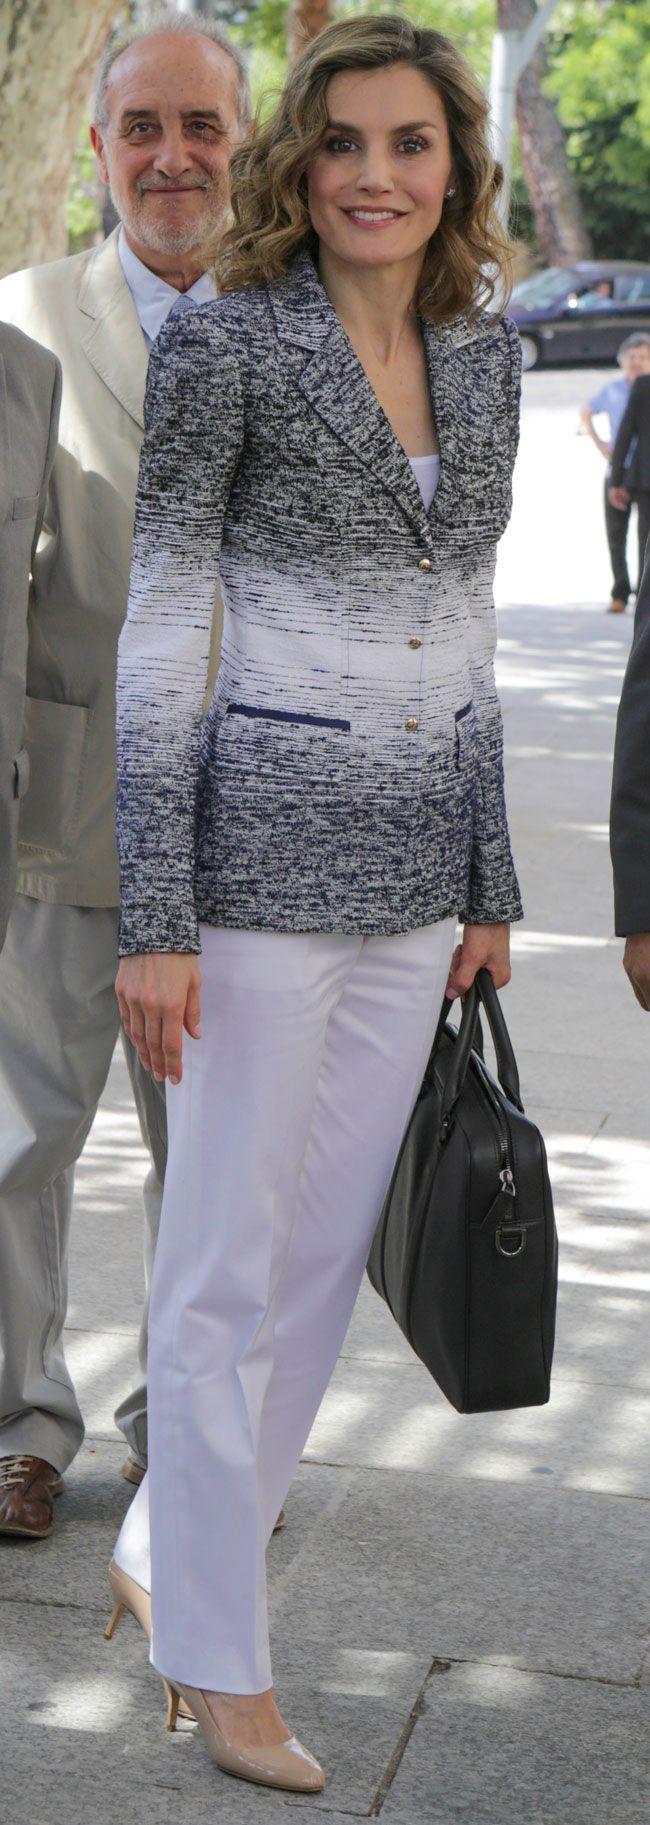 La Reina Letizia, embajadora de la FAO, ha asistido a una conferencia sobre nutrición de los Cursos de Verano de la Universidad Complutense, en El Escorial.